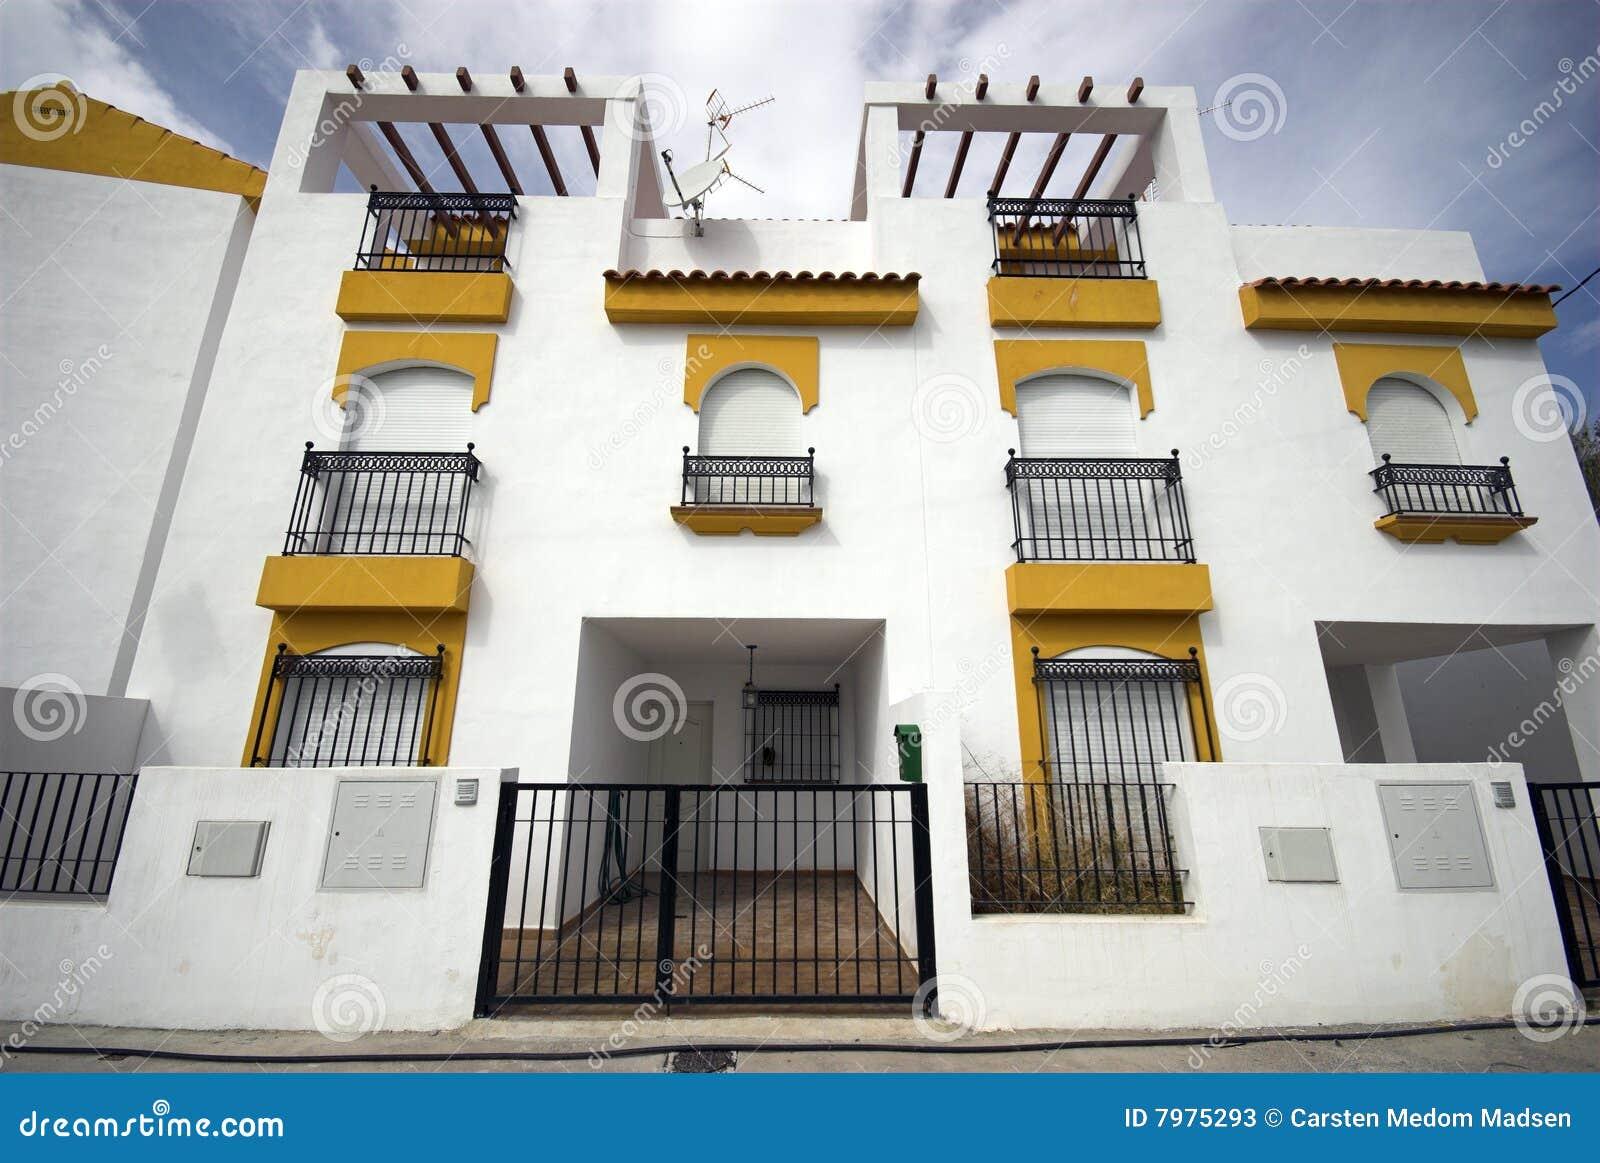 New mediterranean architecture stock image image of - Mediterrane architektur ...